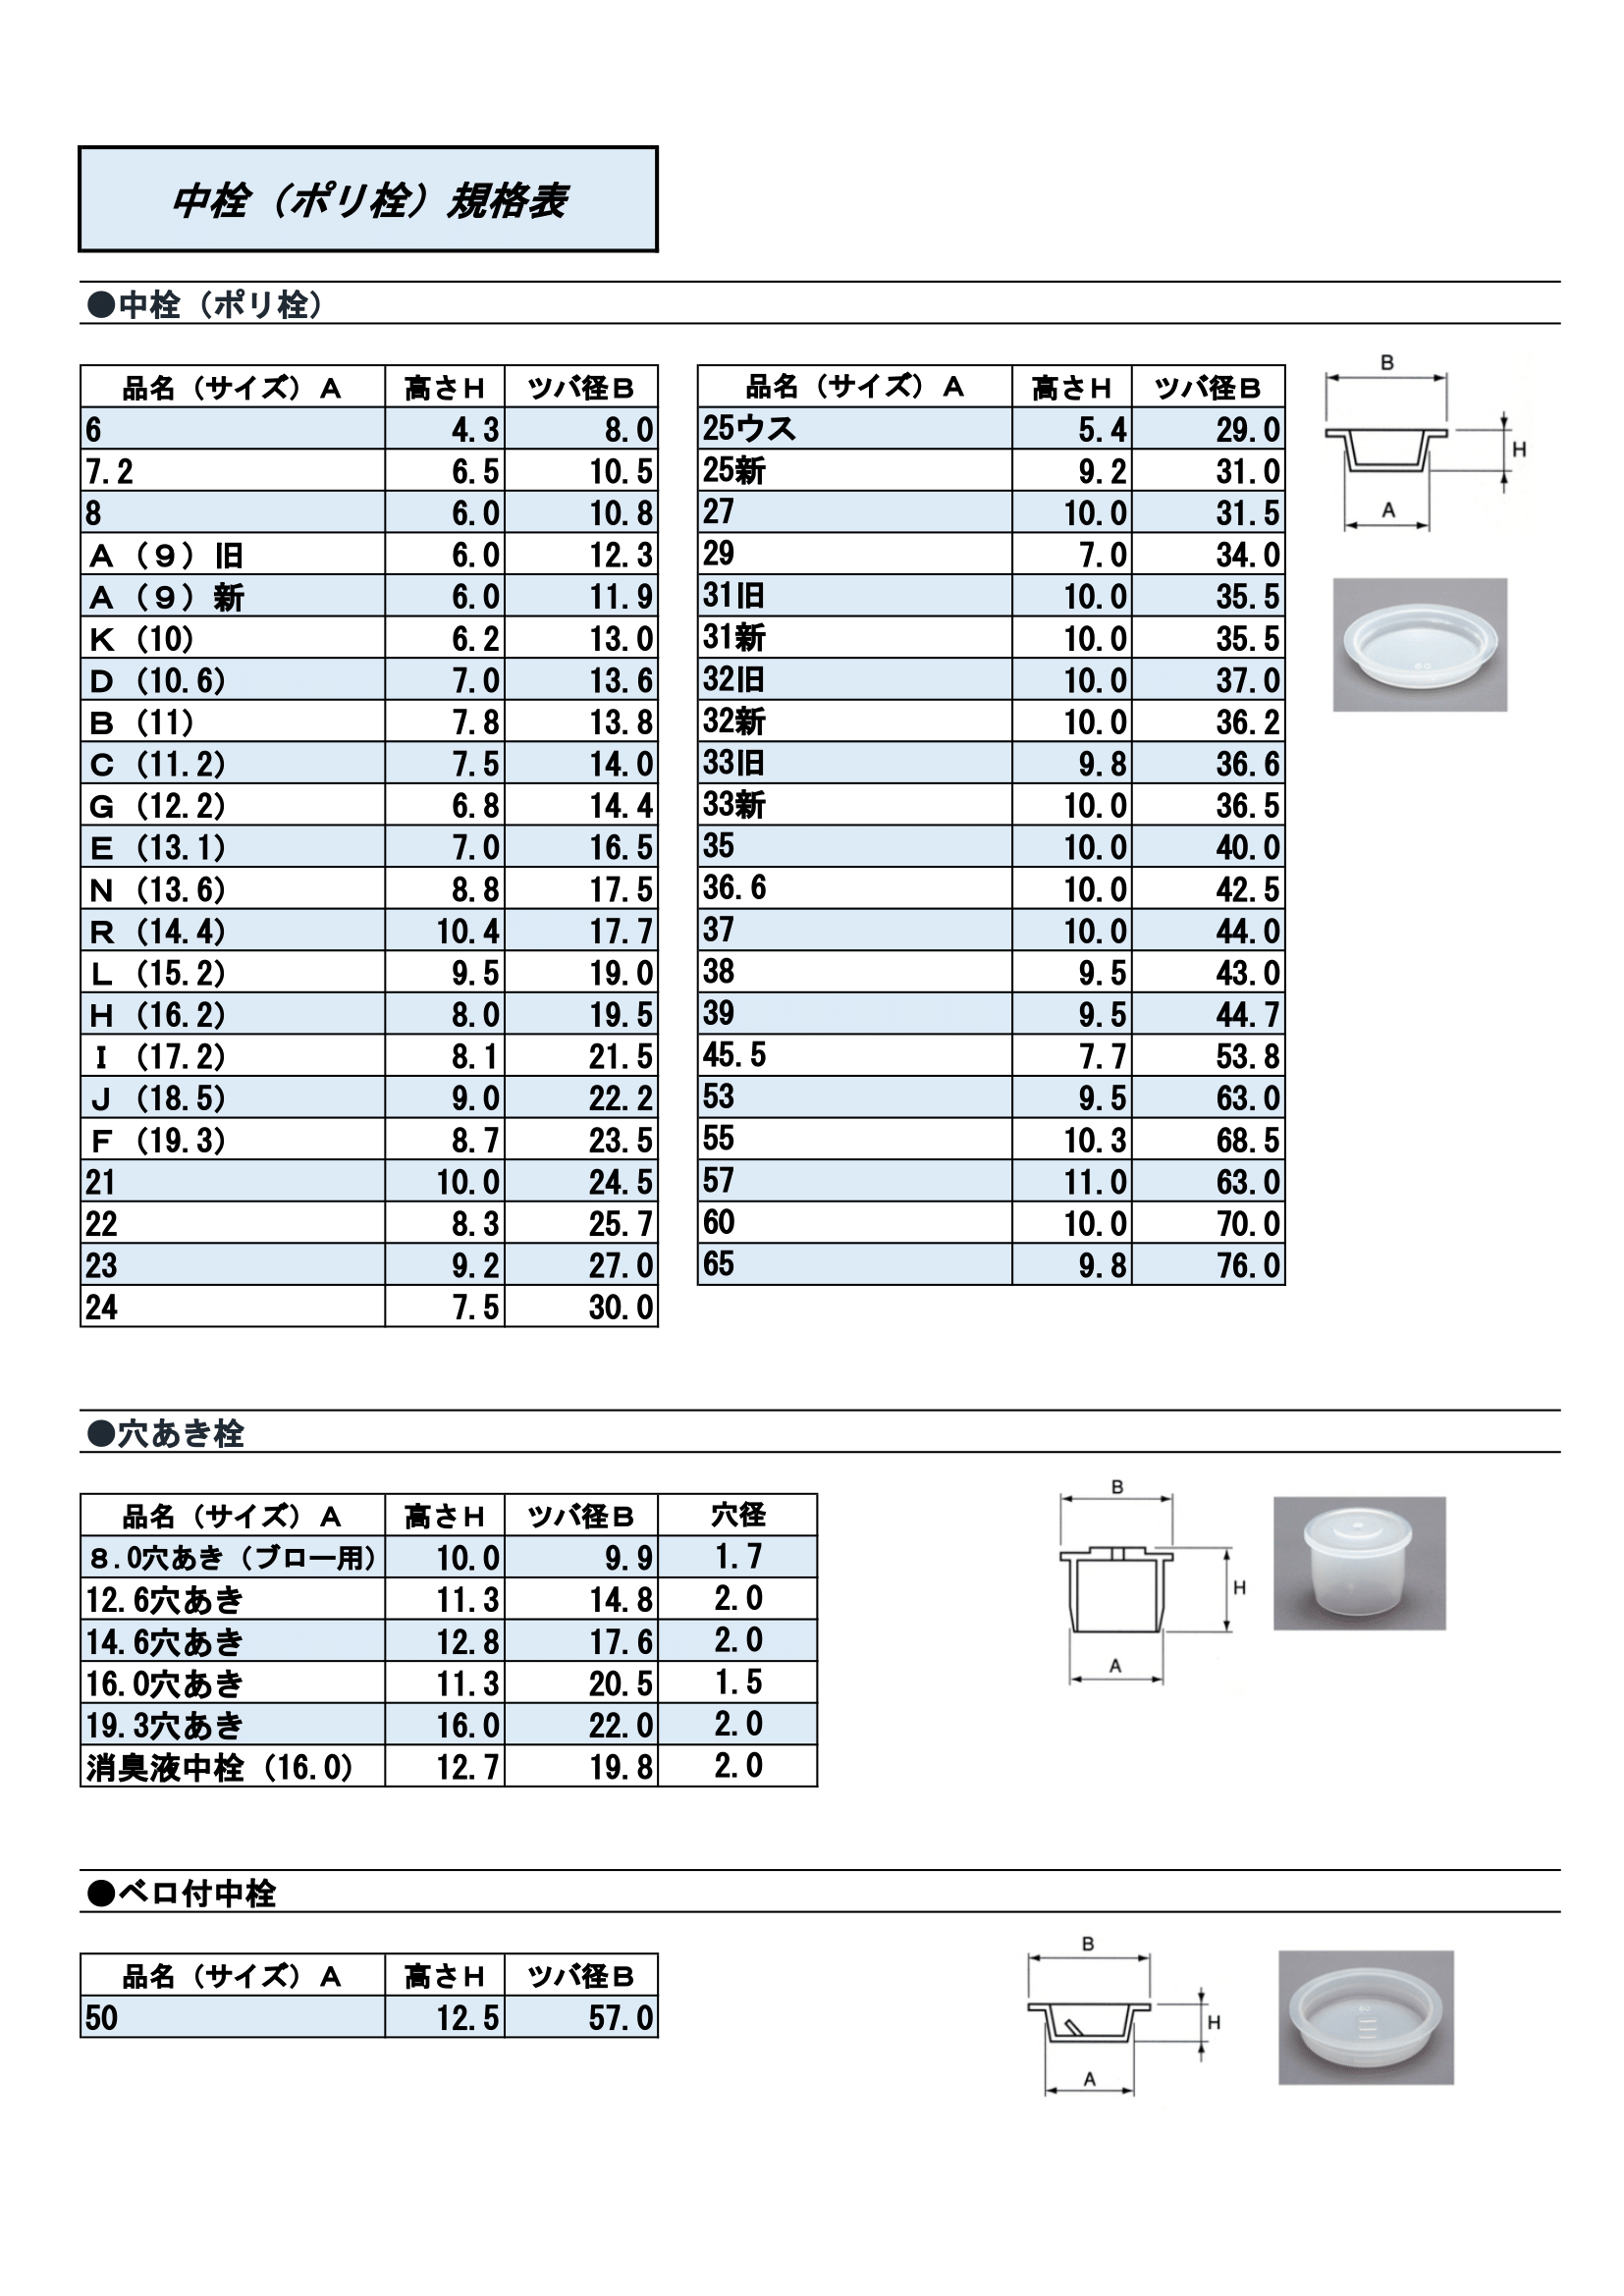 中栓(ポリ栓)、パイプ保護栓、穴あき栓、など